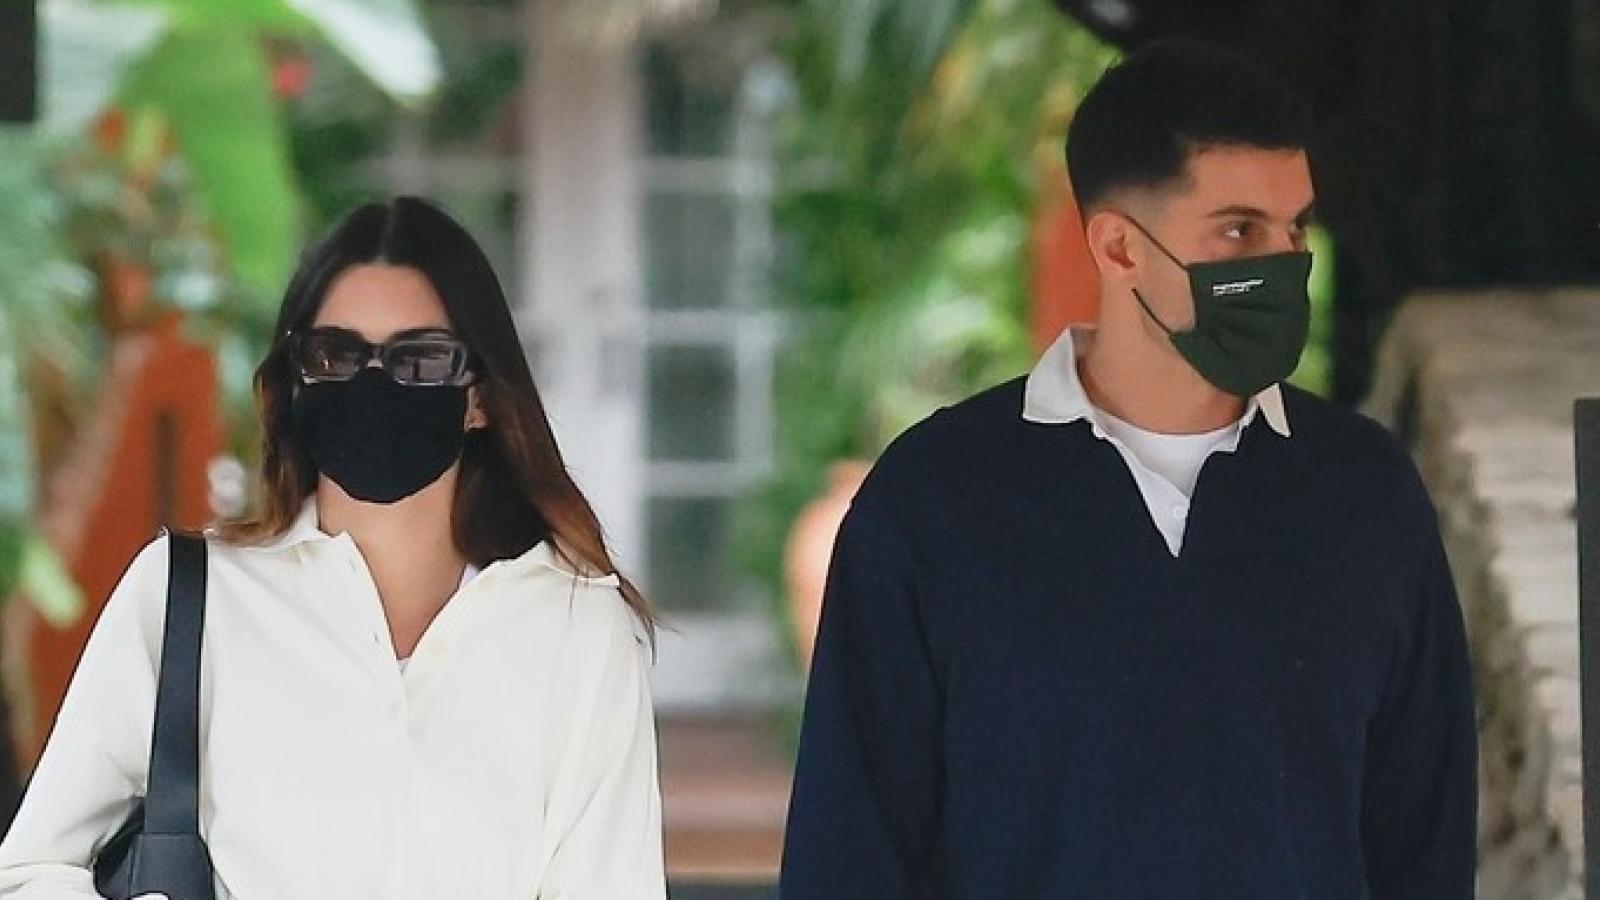 Kendall Jenner giản dị đi chơi cùng bạn thân Fai Khadra